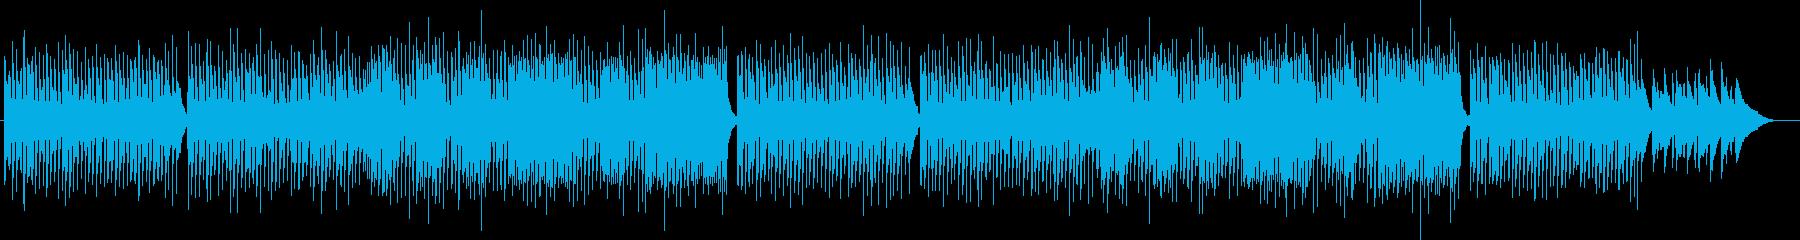 スケーターズワルツ優雅なバロックジャズの再生済みの波形